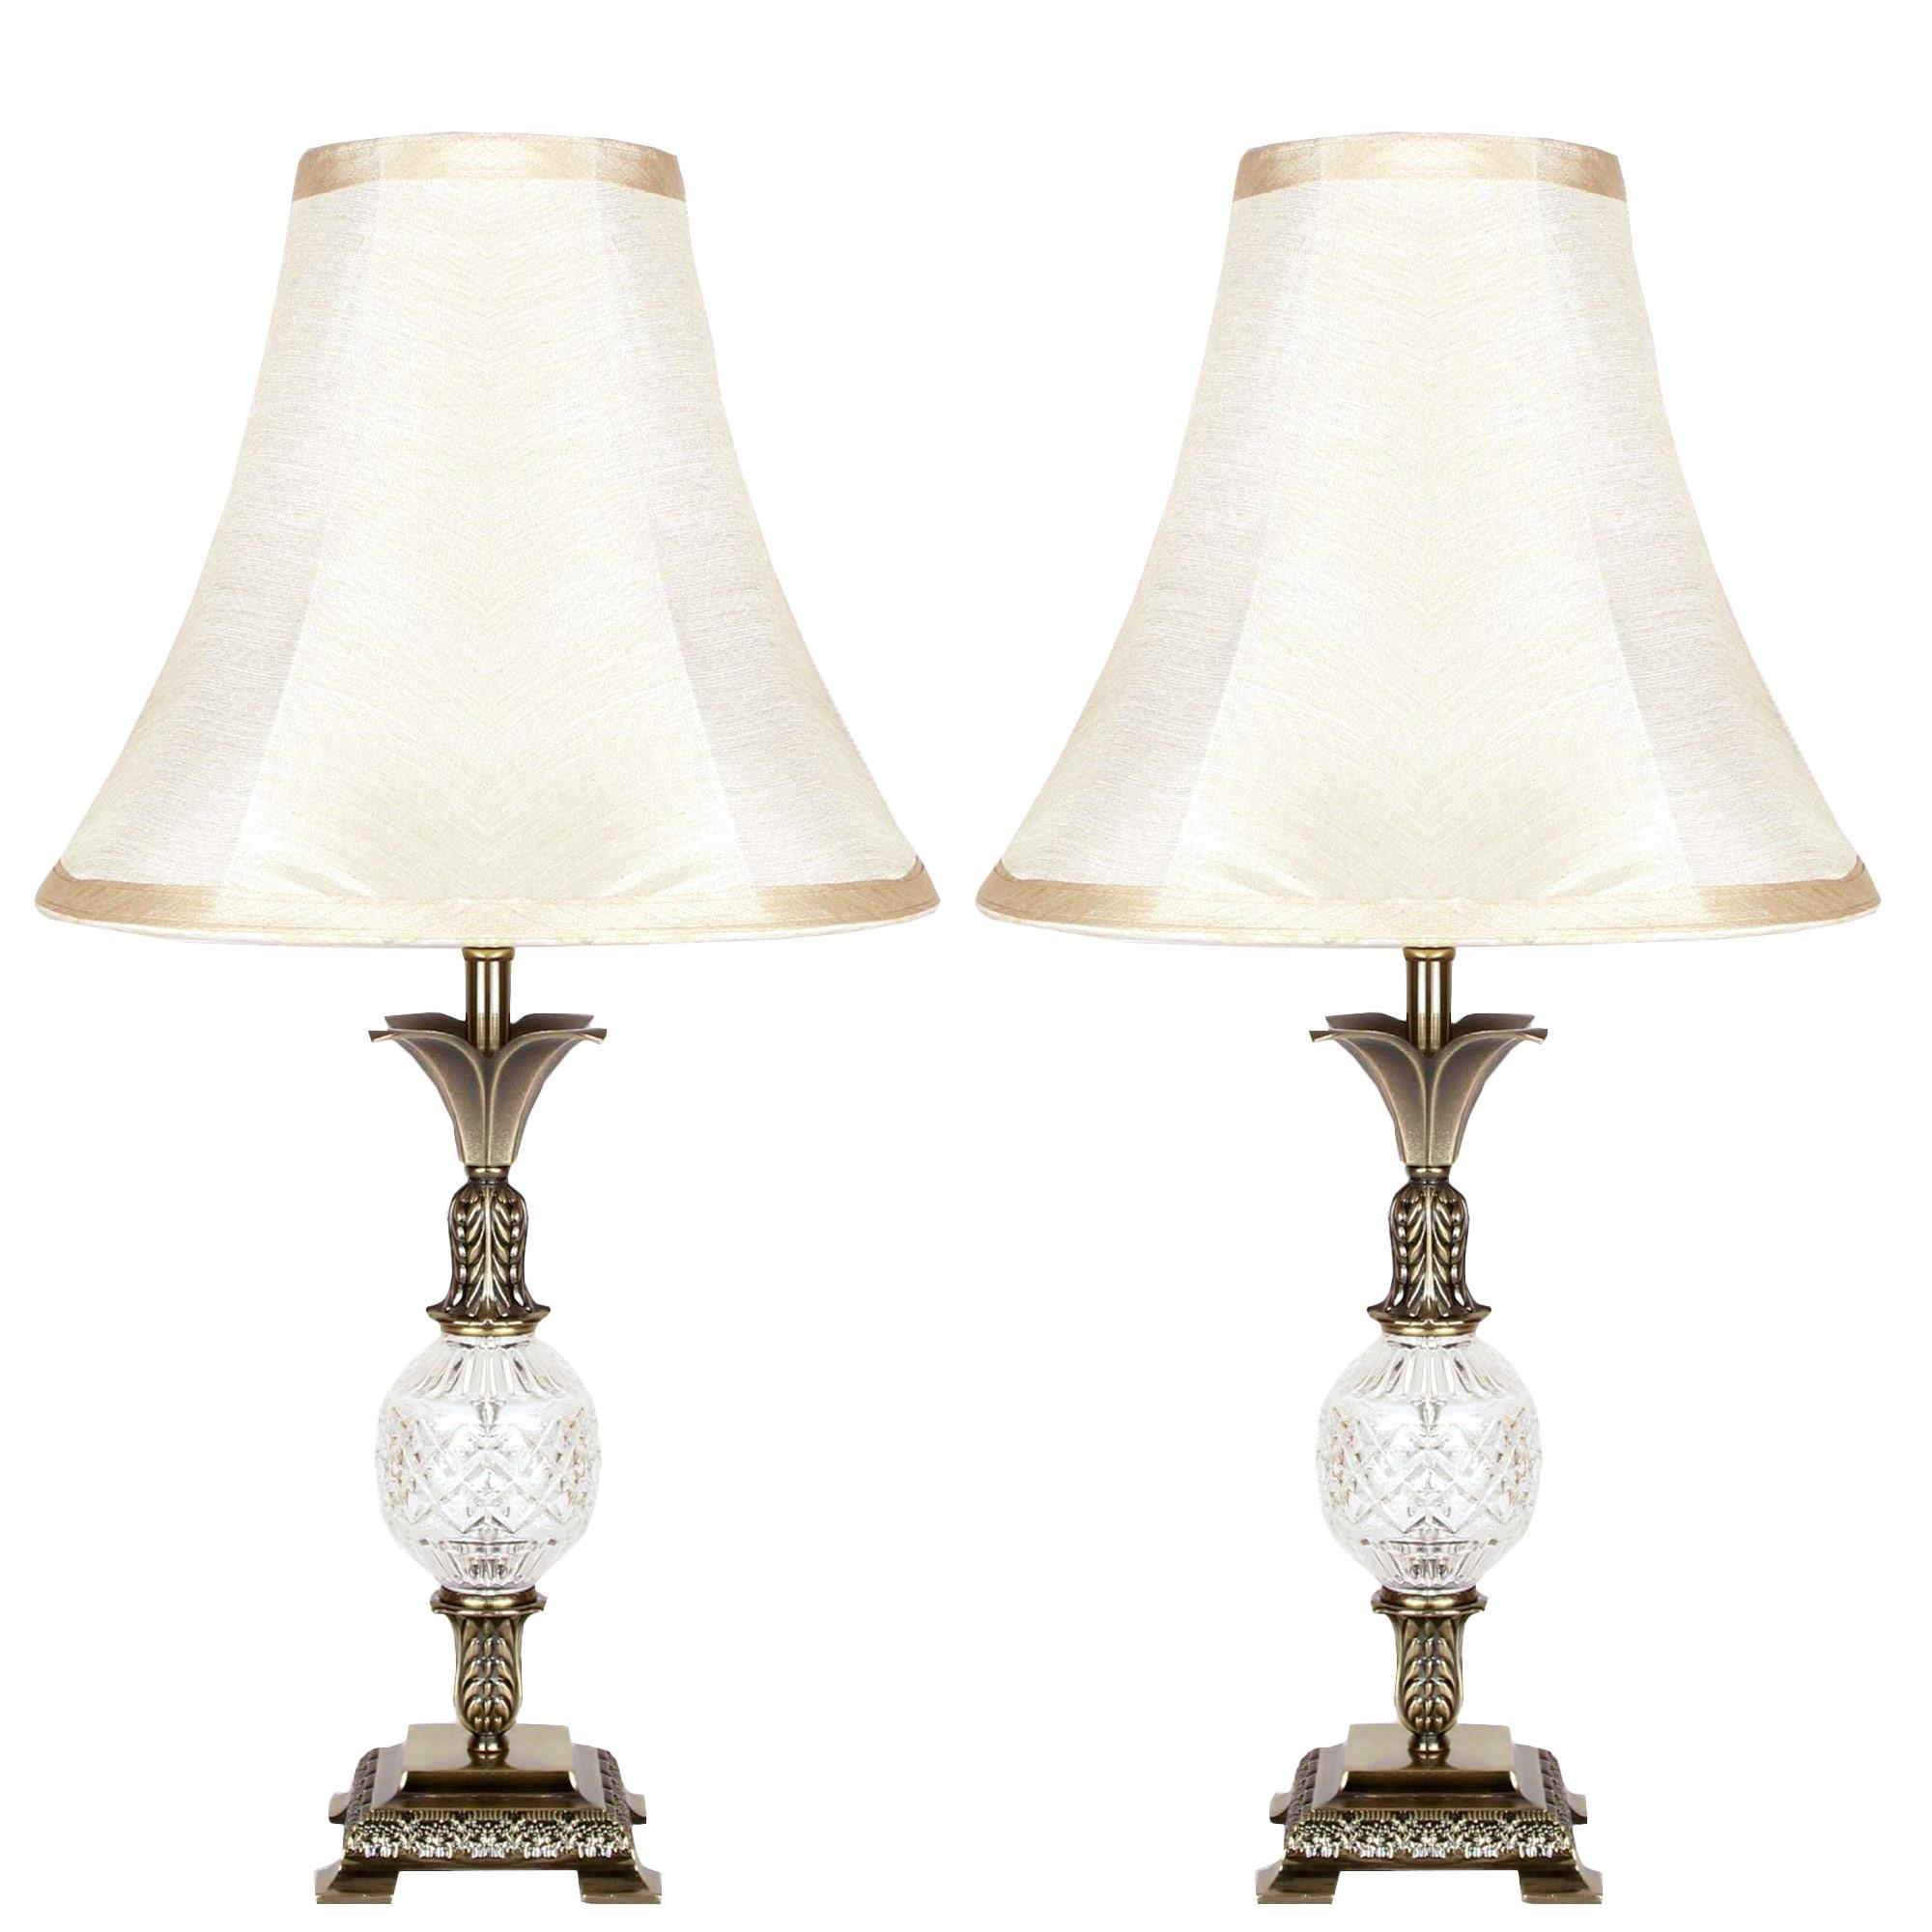 Design Bedside Lamp bedside lamps bedroom bed temple webster florence table lamp set of 2